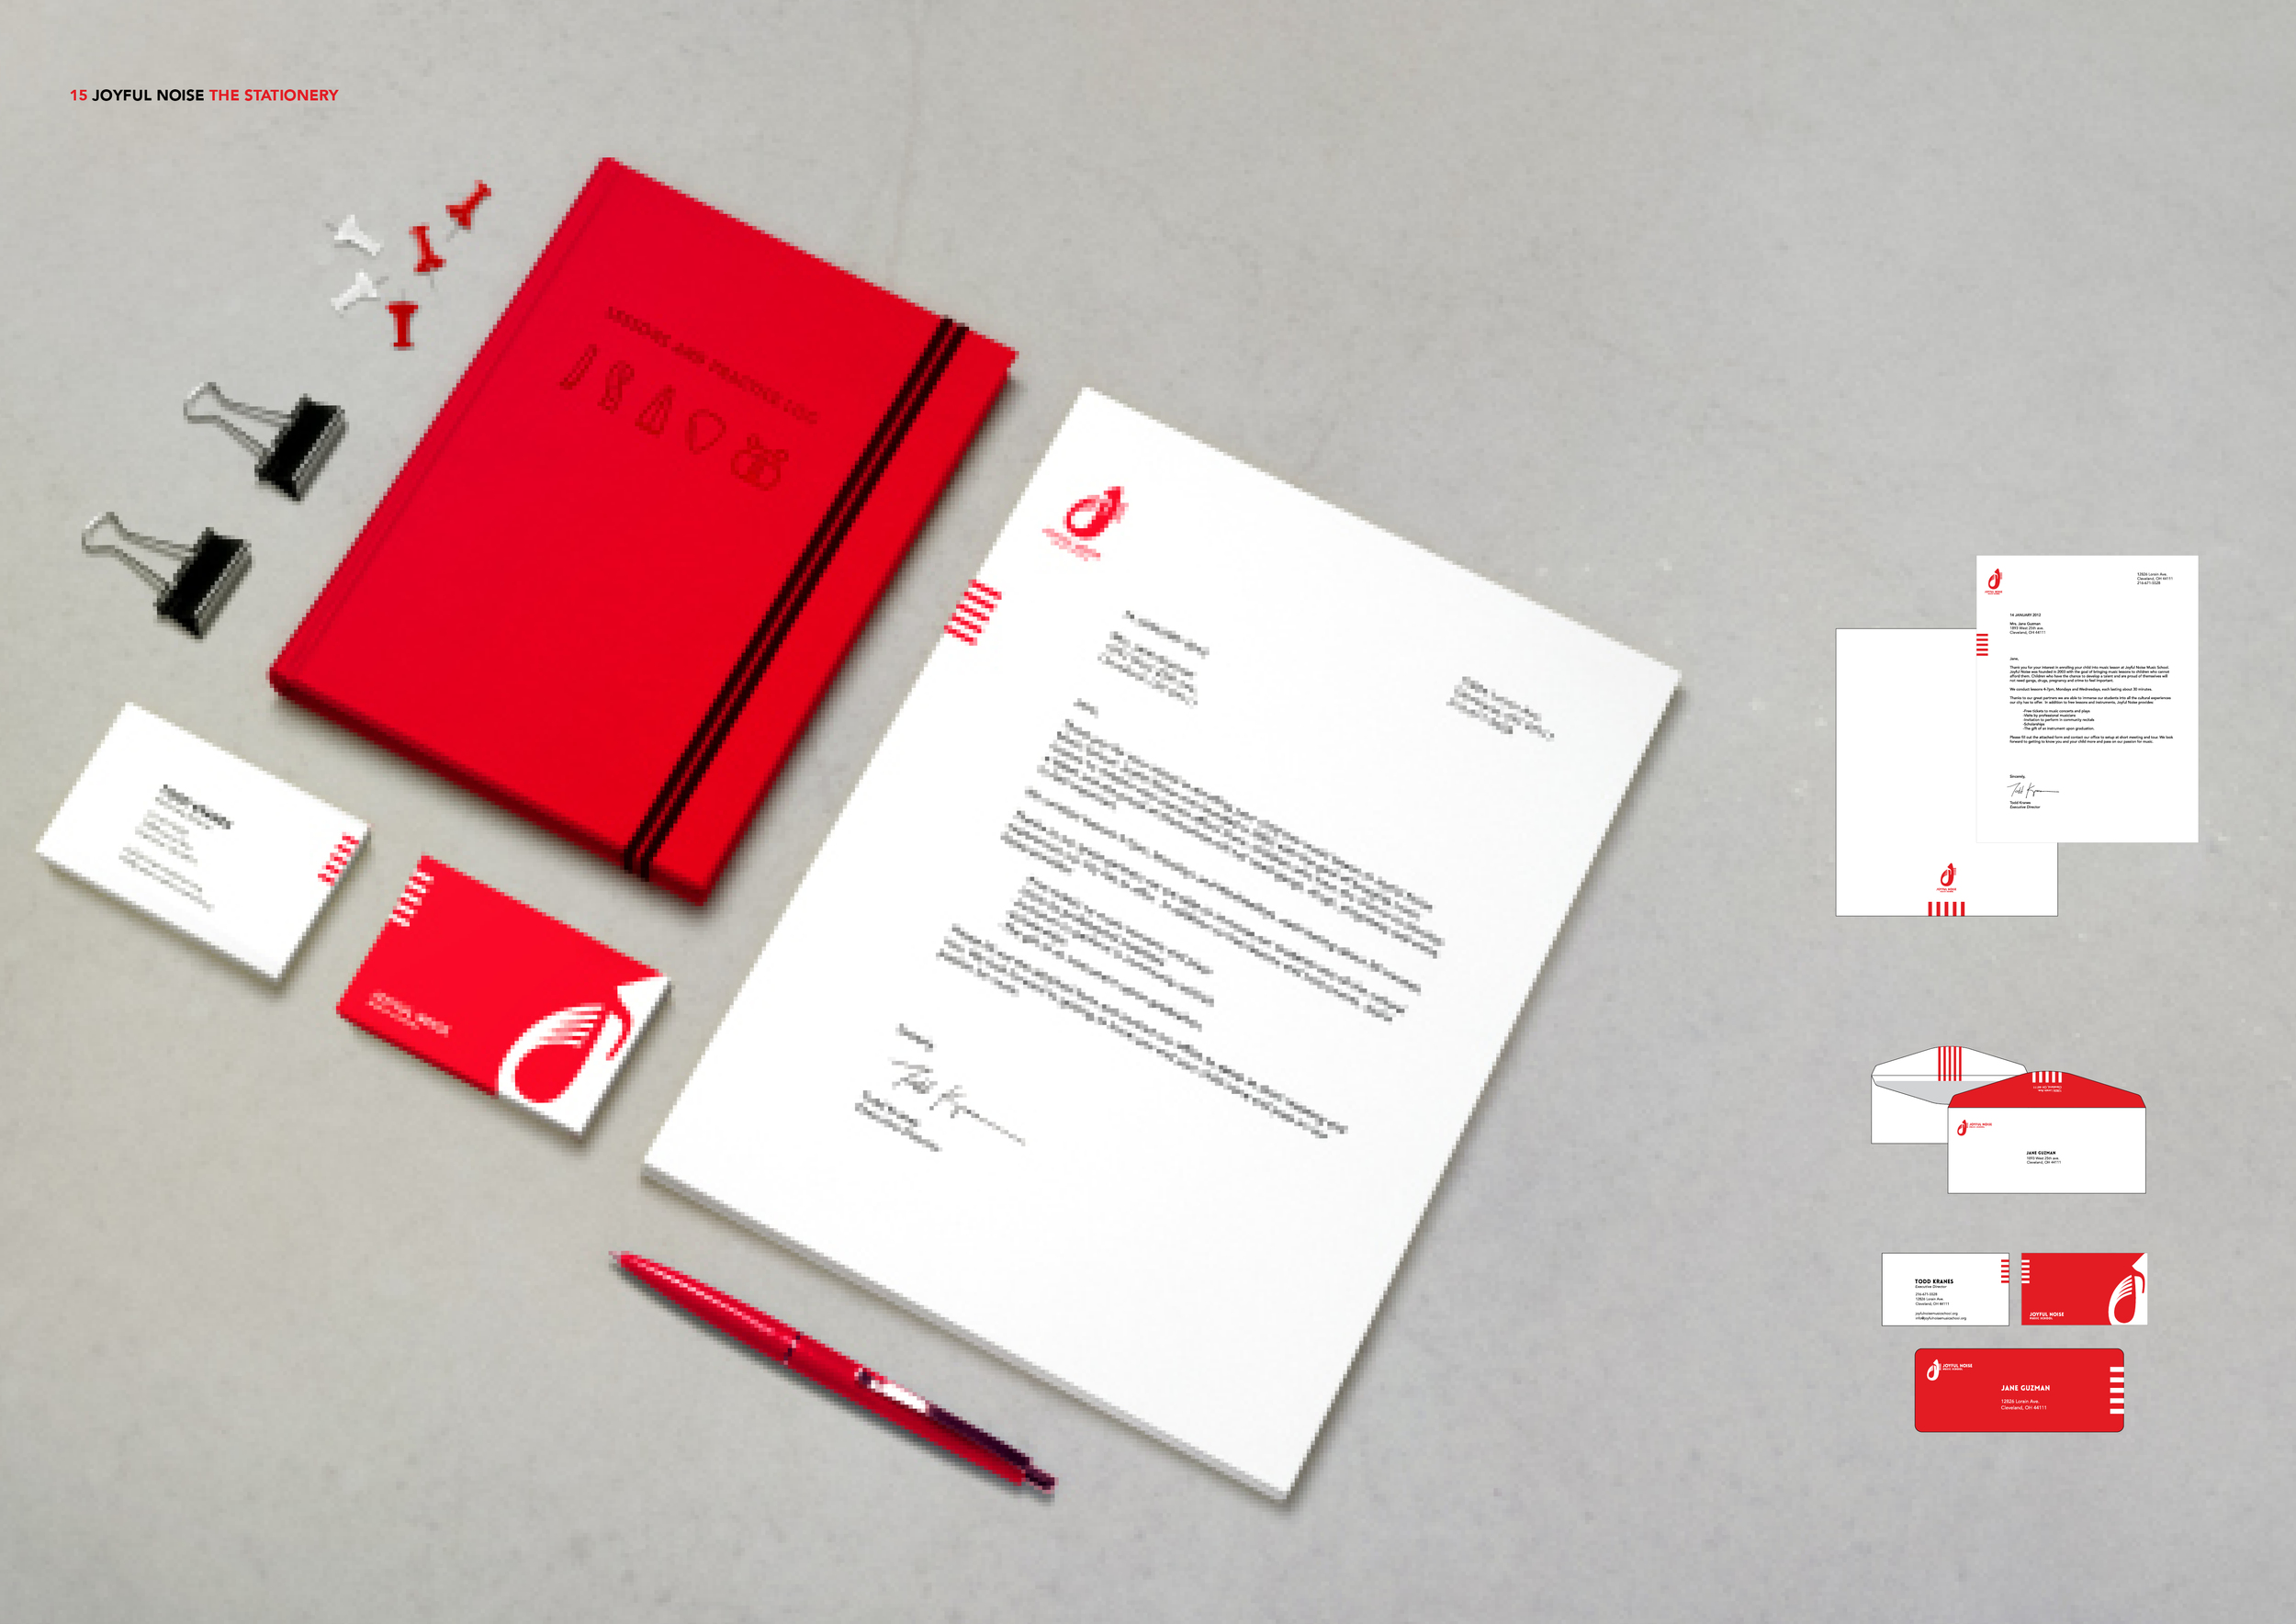 Joyful Noise Brand Book9.jpg